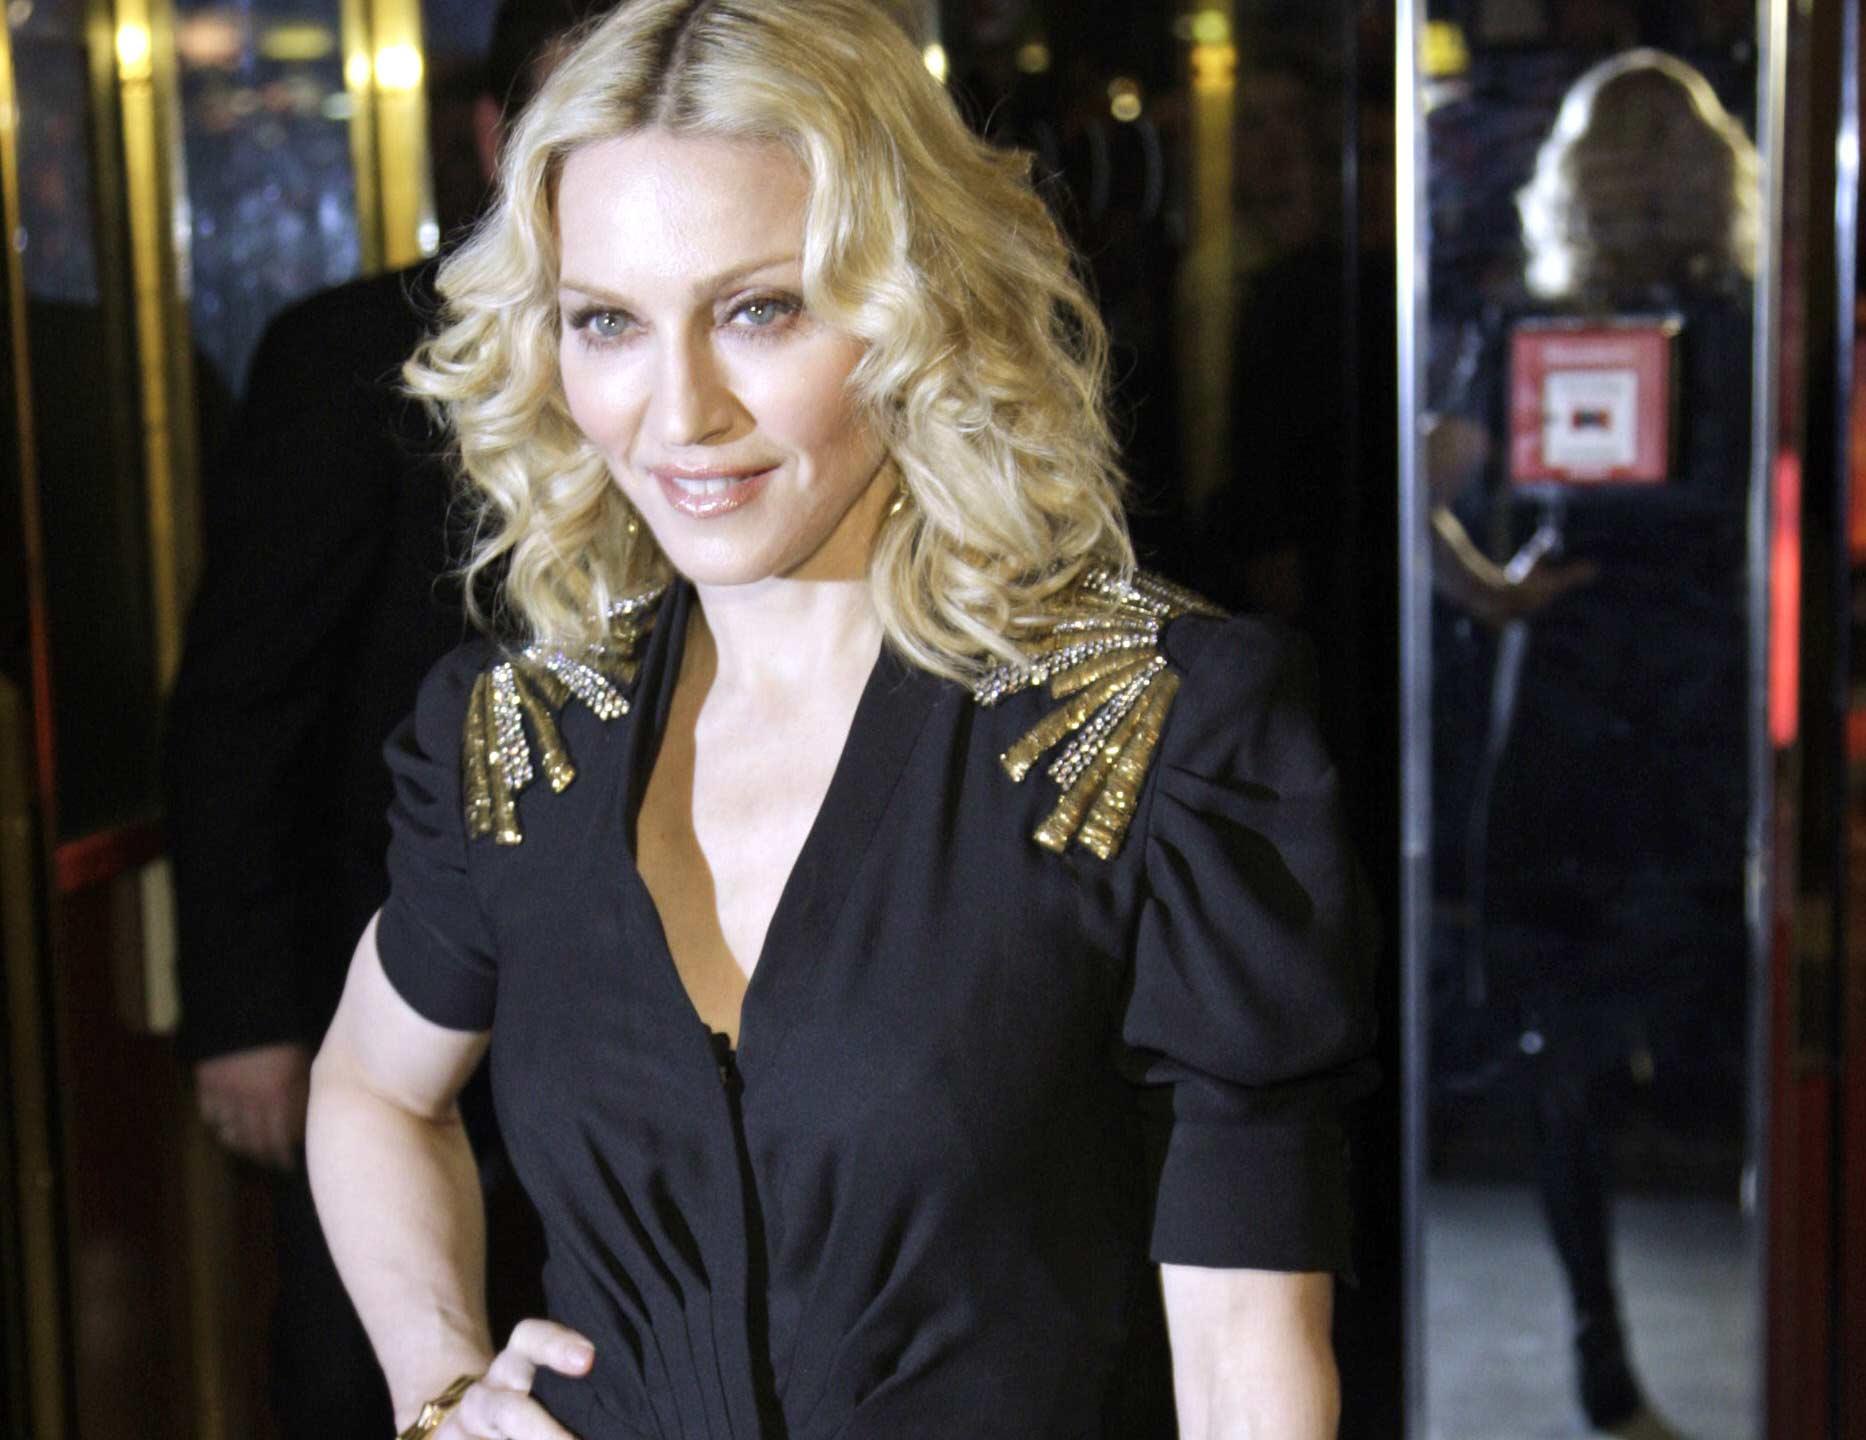 madonna 111afp mediafax f Madonna első alkalommal Romániában